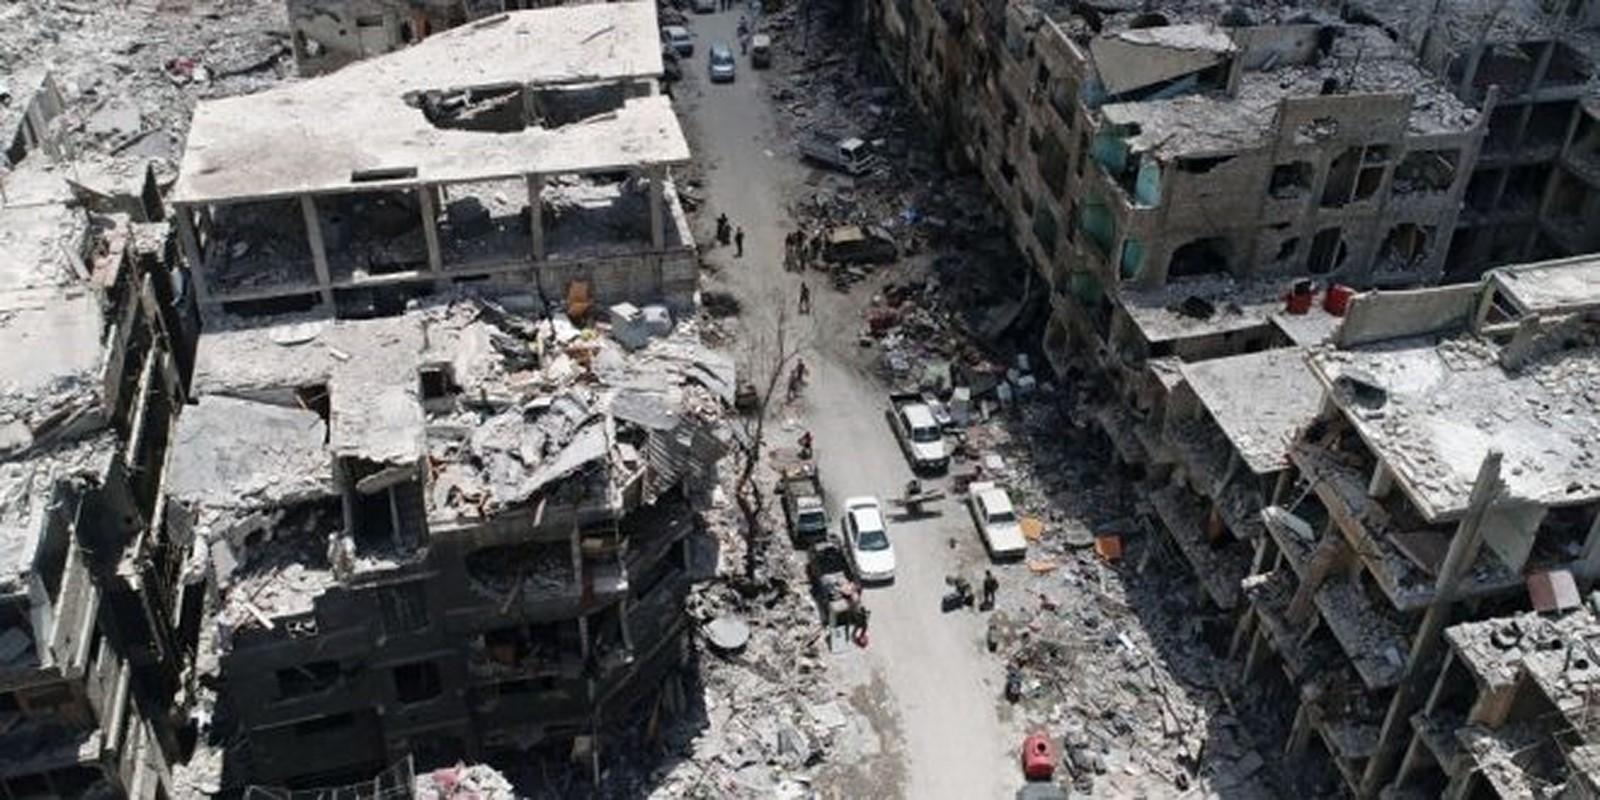 المباني المهددة بالانهيار تنذر بأزمة في شرقي حلب